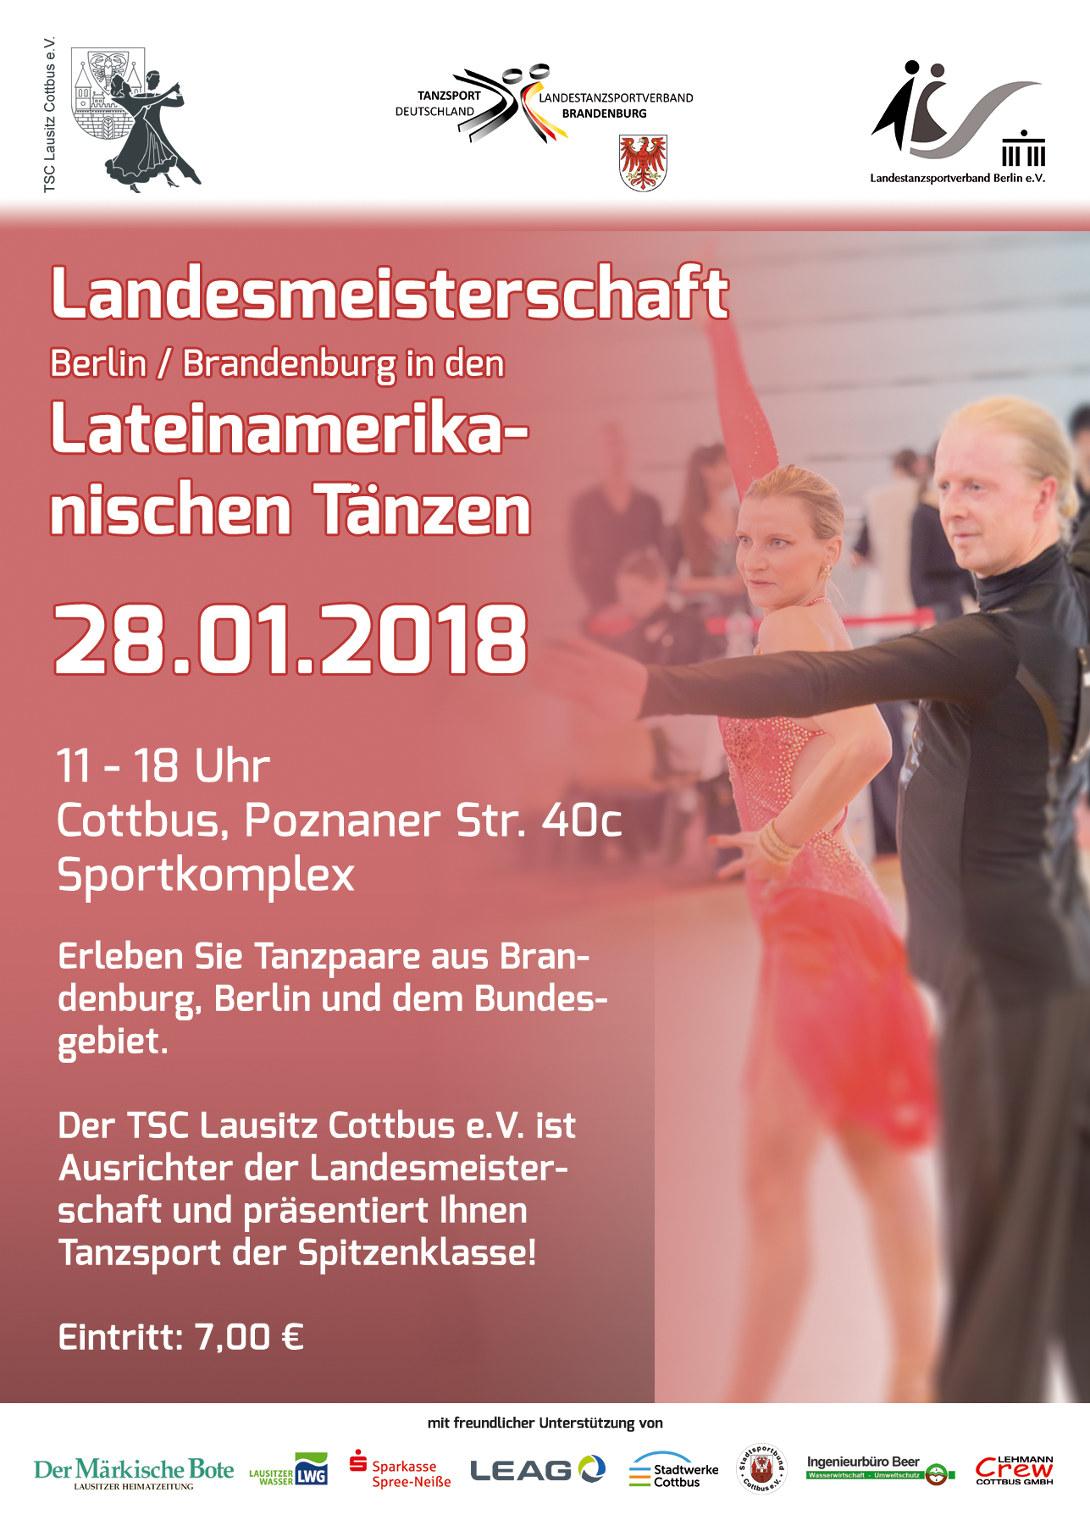 Landesmeisterschaften in Berlin/Brandenburg in den Lateinamerikanischen Tänzen